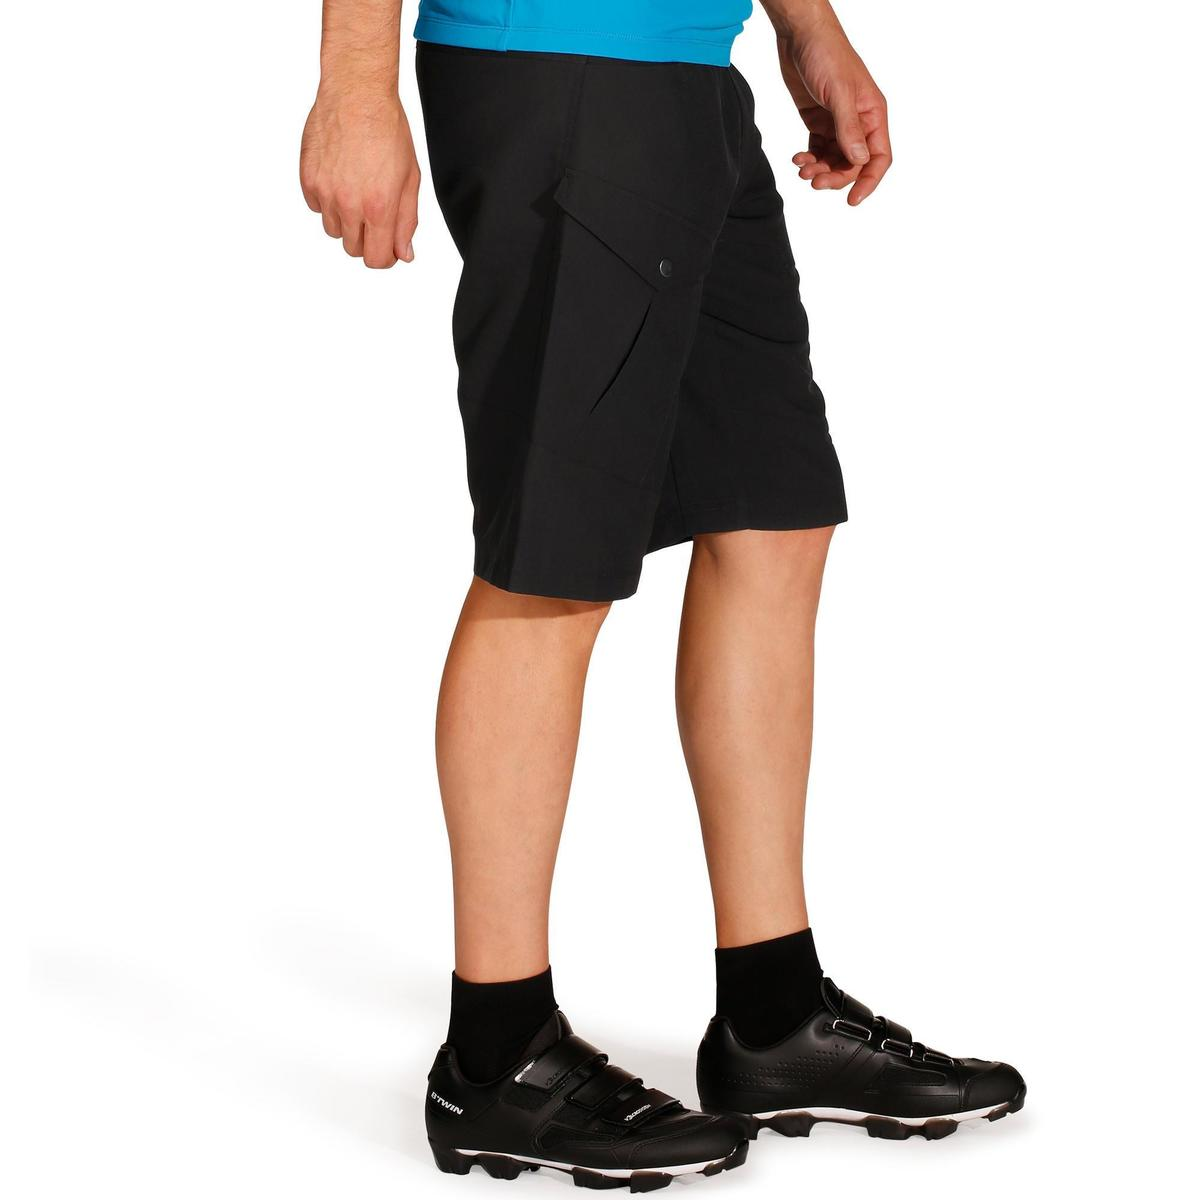 Bild 3 von MTB-Shorts 500 Herren schwarz